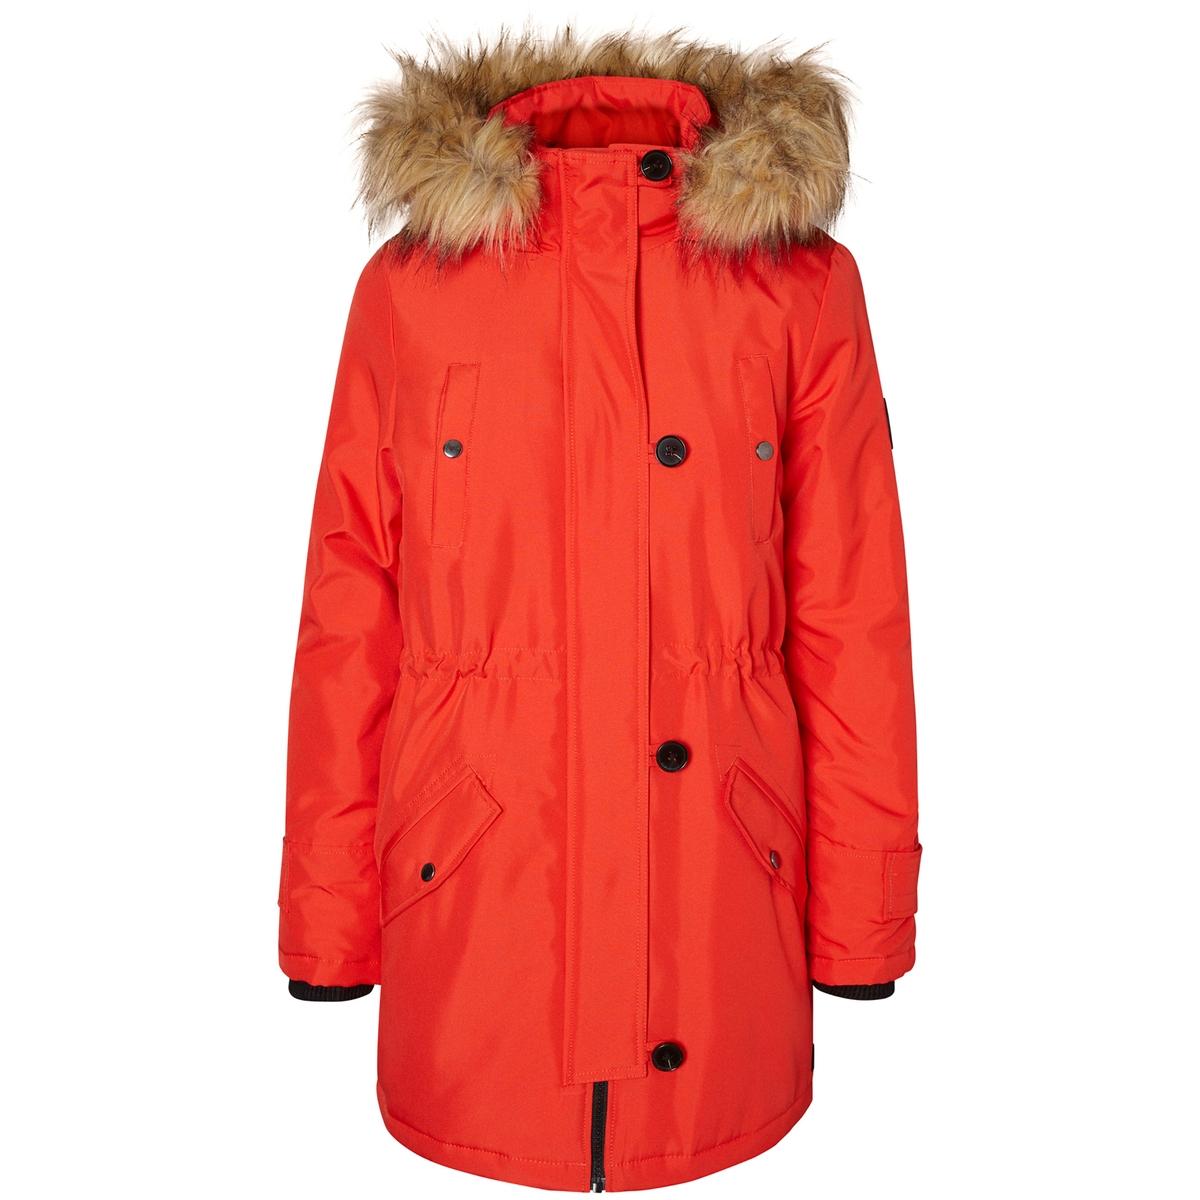 Полупальто с капюшономОписание:Защитите себя от холодов, выбрав это пальто с капюшоном VERO MODA . Капюшон оторочен искусственным мехом. Высокий воротник. 4 кармана с кнопками .Детали •  Длина : средняя •  Круглый вырез •  Застежка на молнию •  С капюшономСостав и уход •  100% хлопок •  Следуйте рекомендациям по уходу, указанным на этикетке изделия •  Пальто-парка длинное с длинными рукавами •  Съемный капюшон с опушкой из искусственного меха •  Скрытая застежка на молнию и пуговицы спереди •  Подкладка и наполнитель из полиэстера •  Манжеты в рубчик •  Пояс на завязках •  Карманы с застежкой на кнопки спереди •  Высокий воротник •  Длина: 80 см  для размера S<br><br>Цвет: красный<br>Размер: M